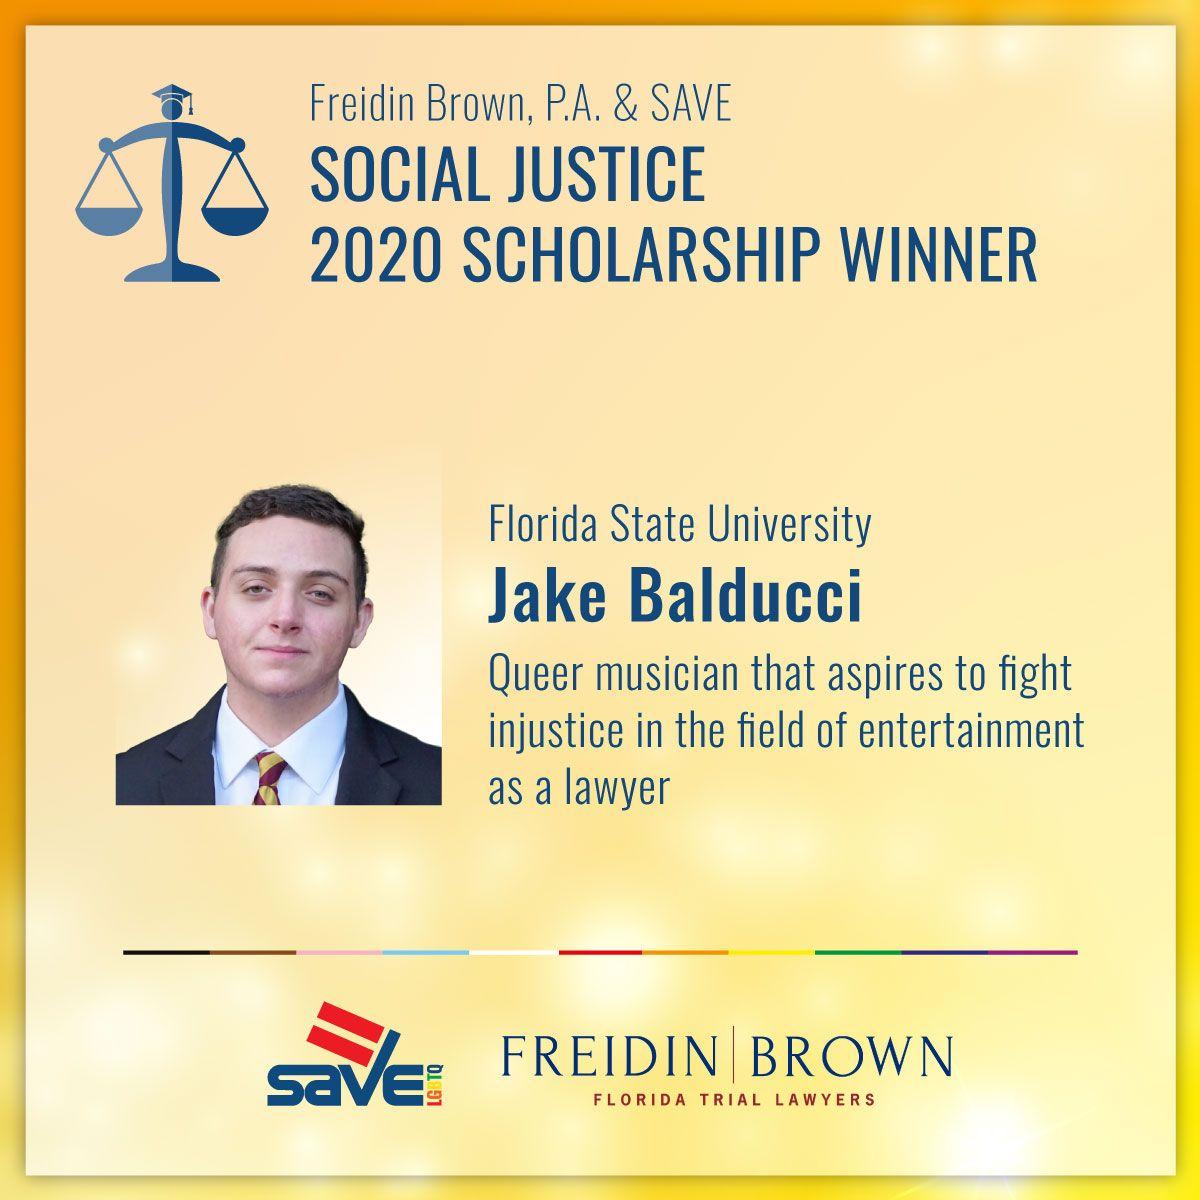 Jake Balducci